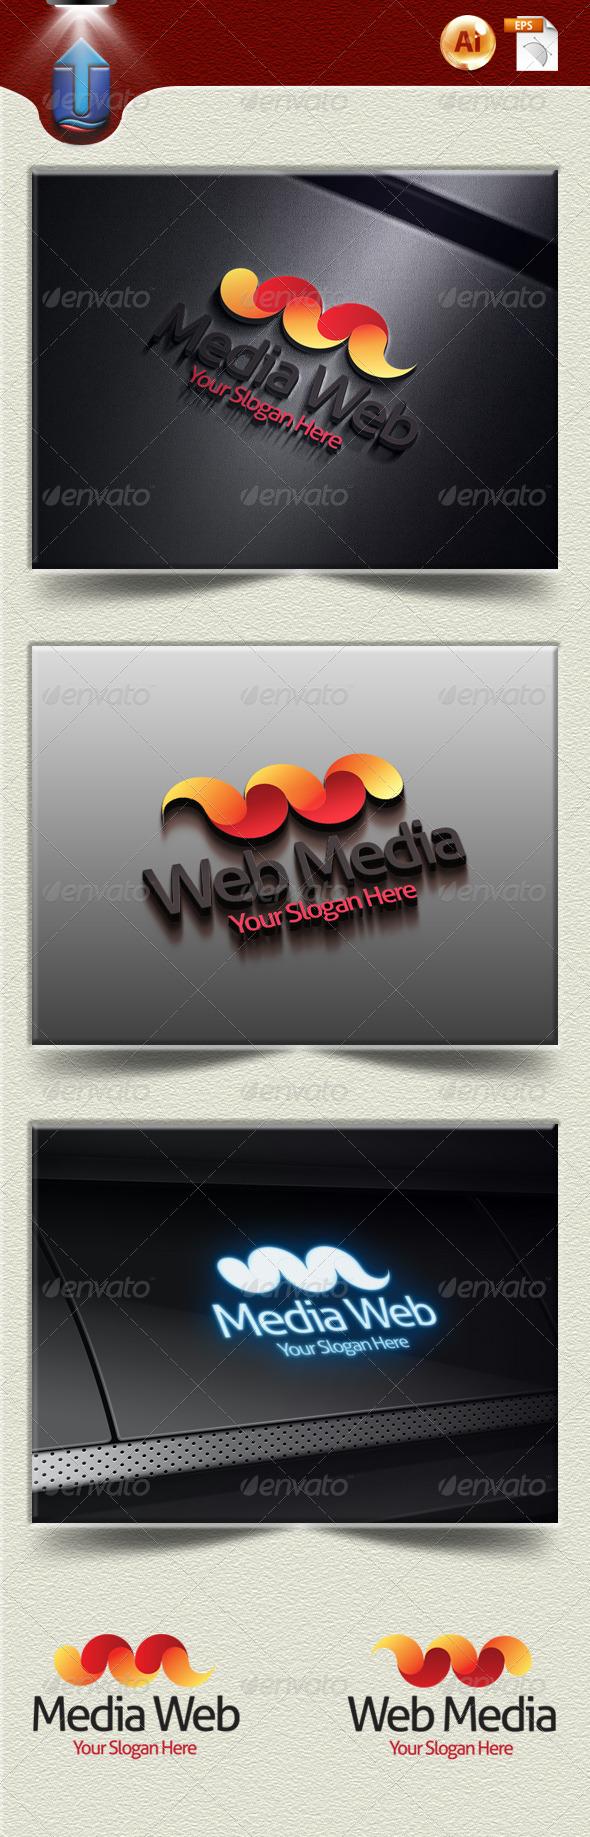 GraphicRiver Media Web 4556264